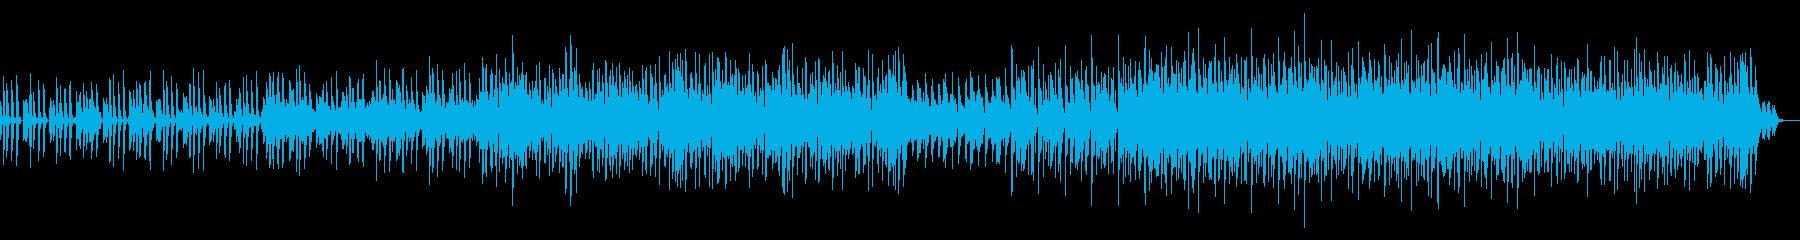 ミステリアス、ドキュメンタリー風テクノの再生済みの波形